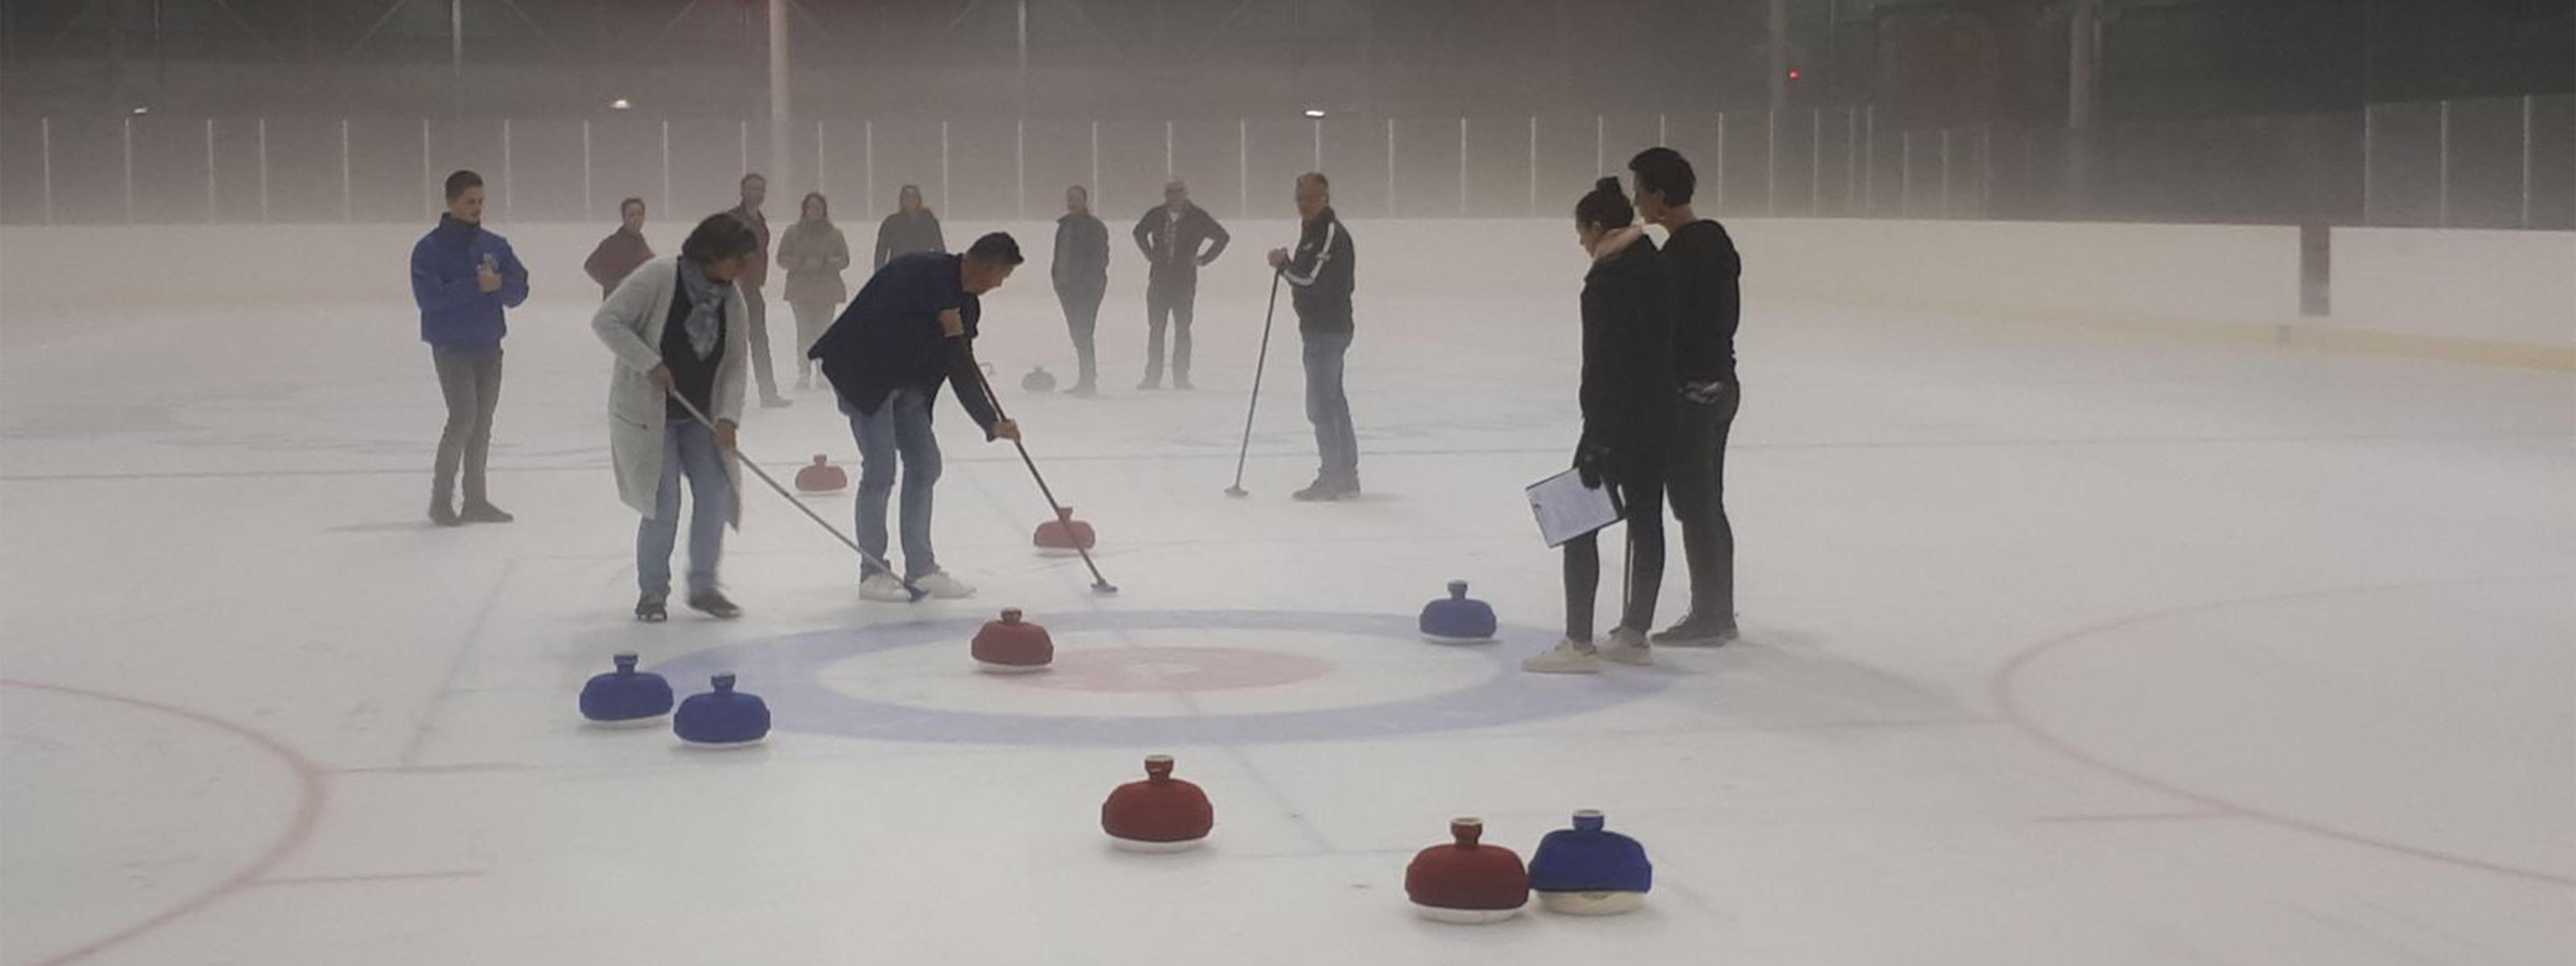 Fun curling tilburg/breda 1